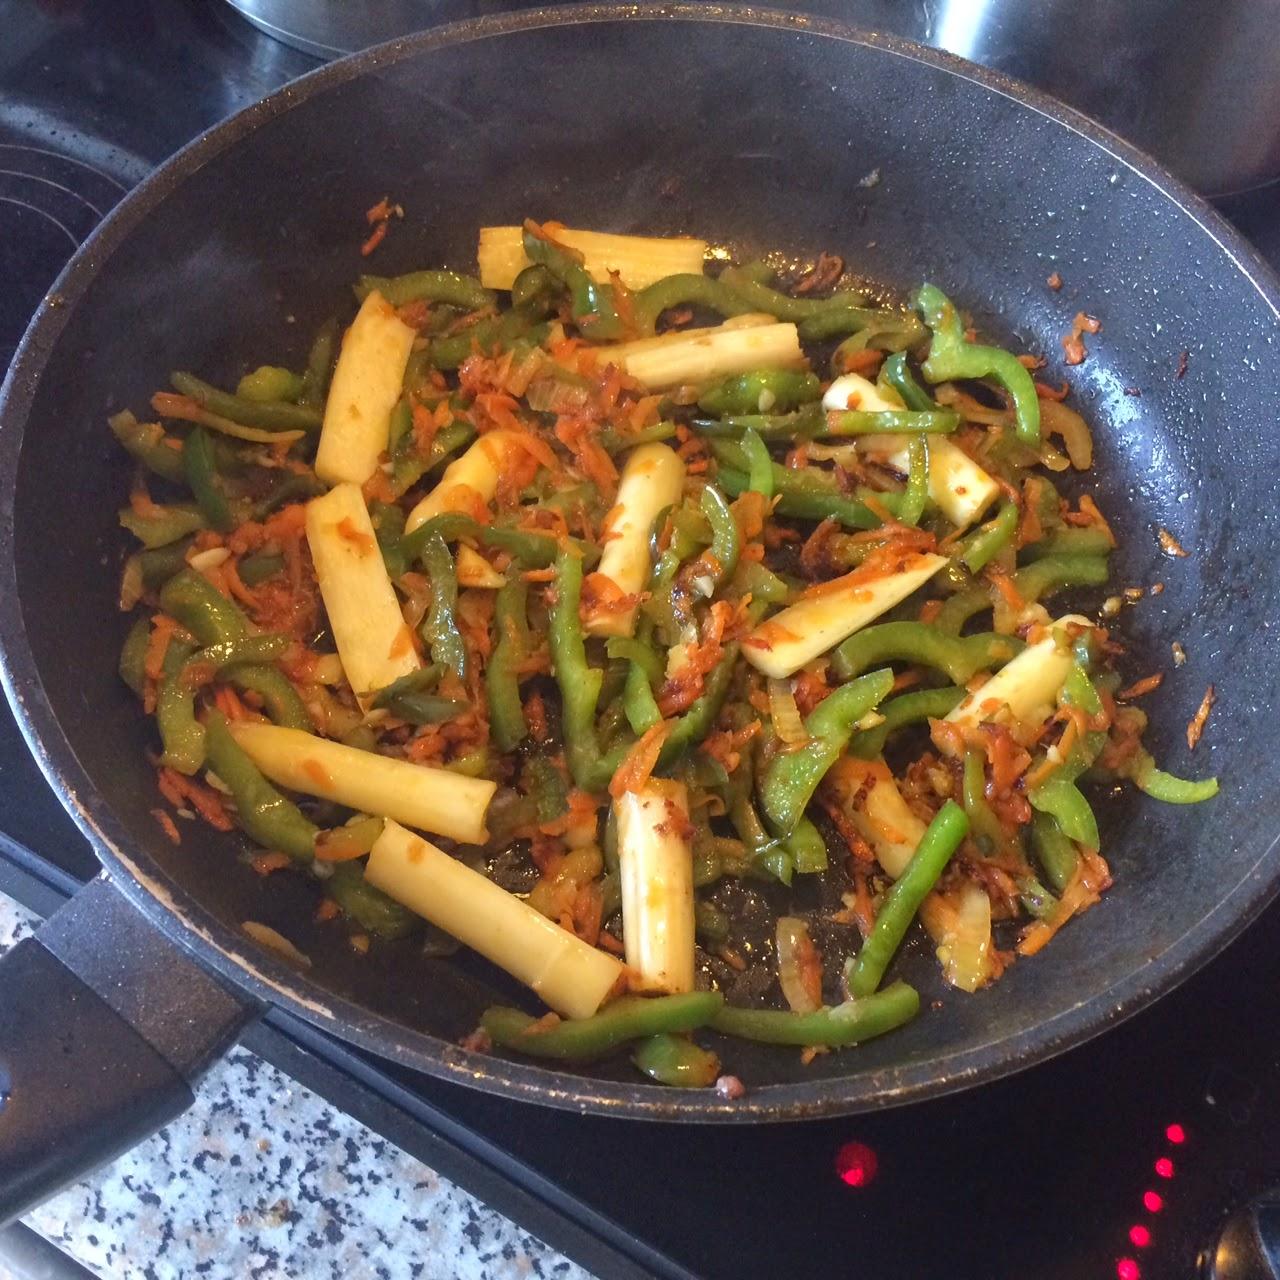 """Cтир-фрай """"Зеленый дракон"""" с говядиной и овощами"""